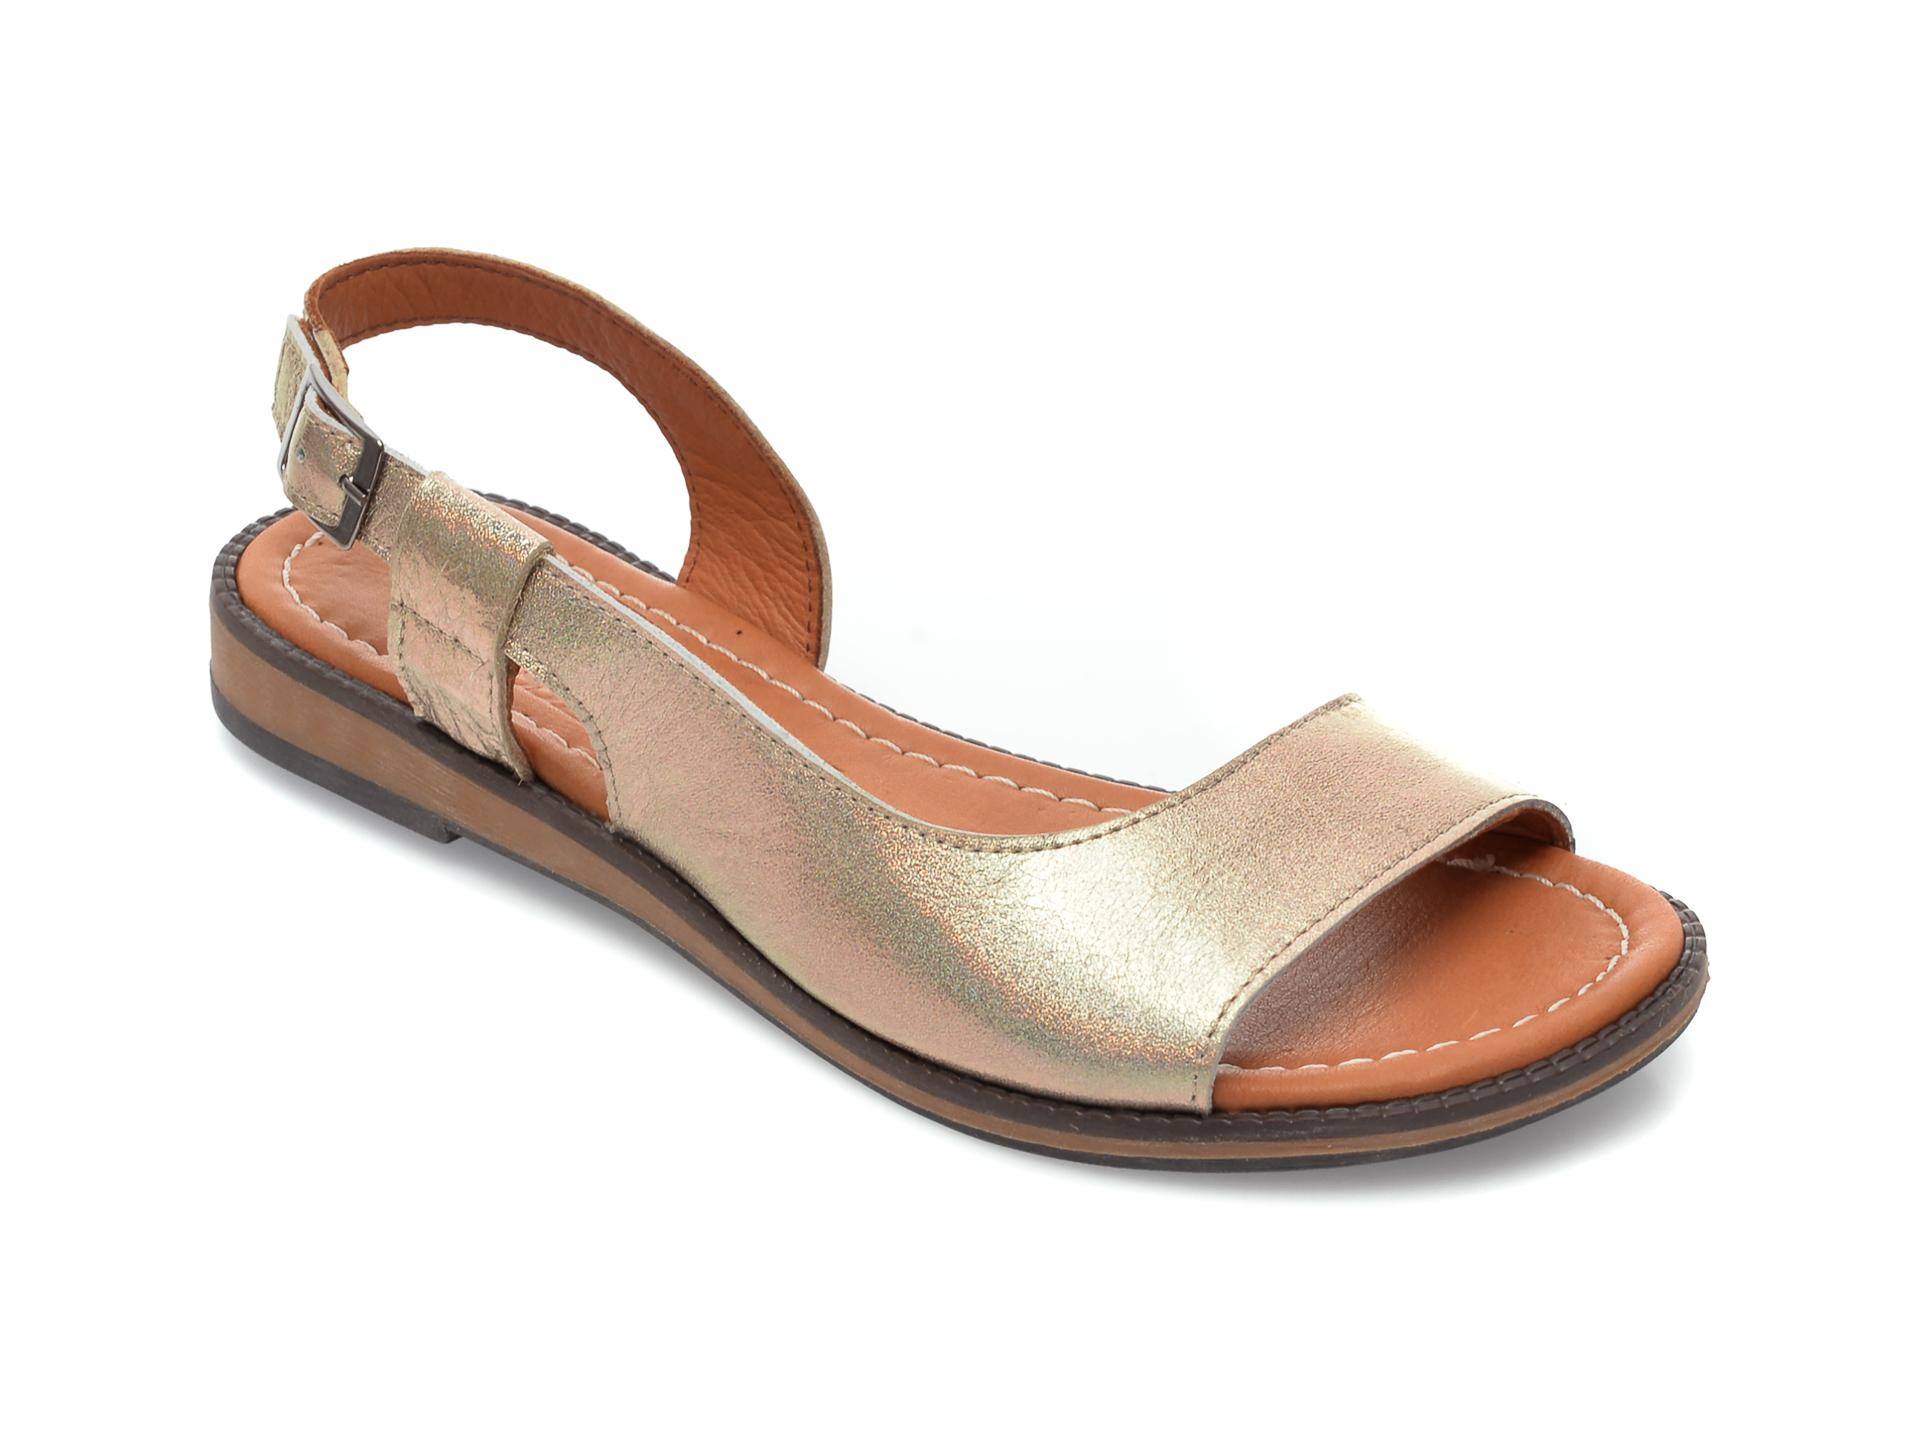 Sandale FLAVIA PASSINI aurii, 21, din piele naturala imagine otter.ro 2021